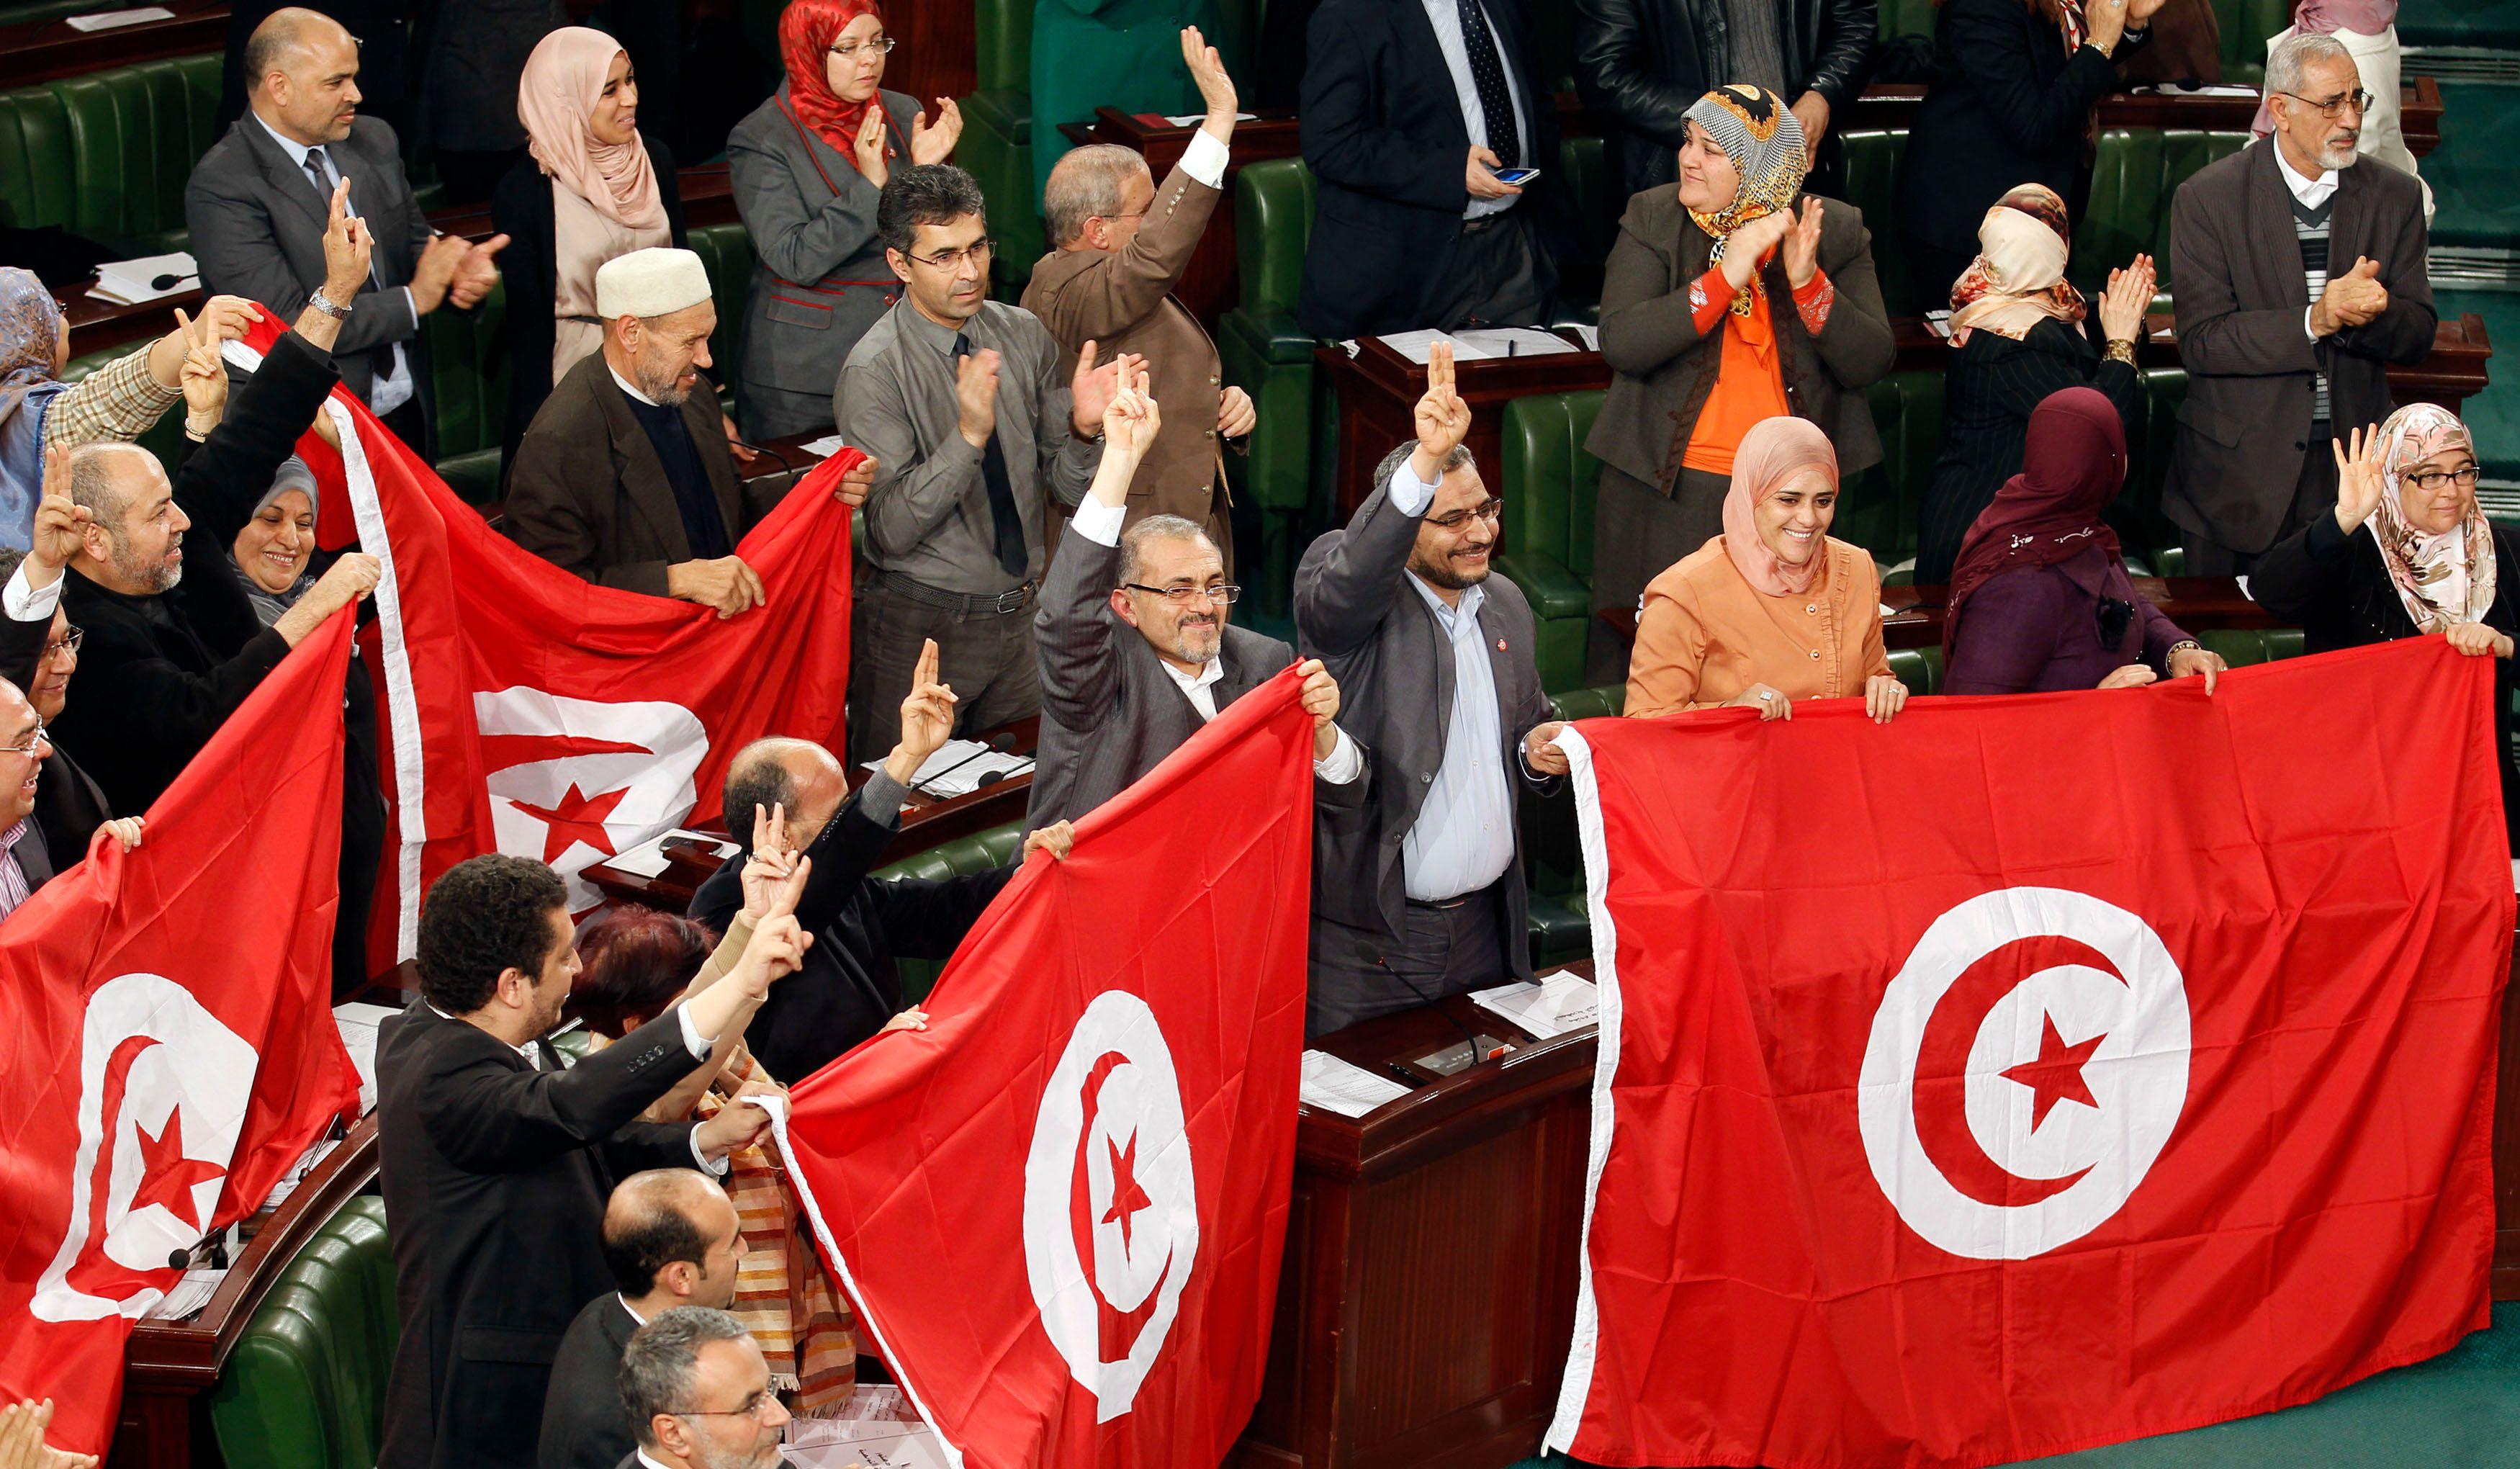 Des membres de l'Assemblée constituante saluent l'adoption par la Tunisie d'un nouvelle constitution, dimanche à Tunis.